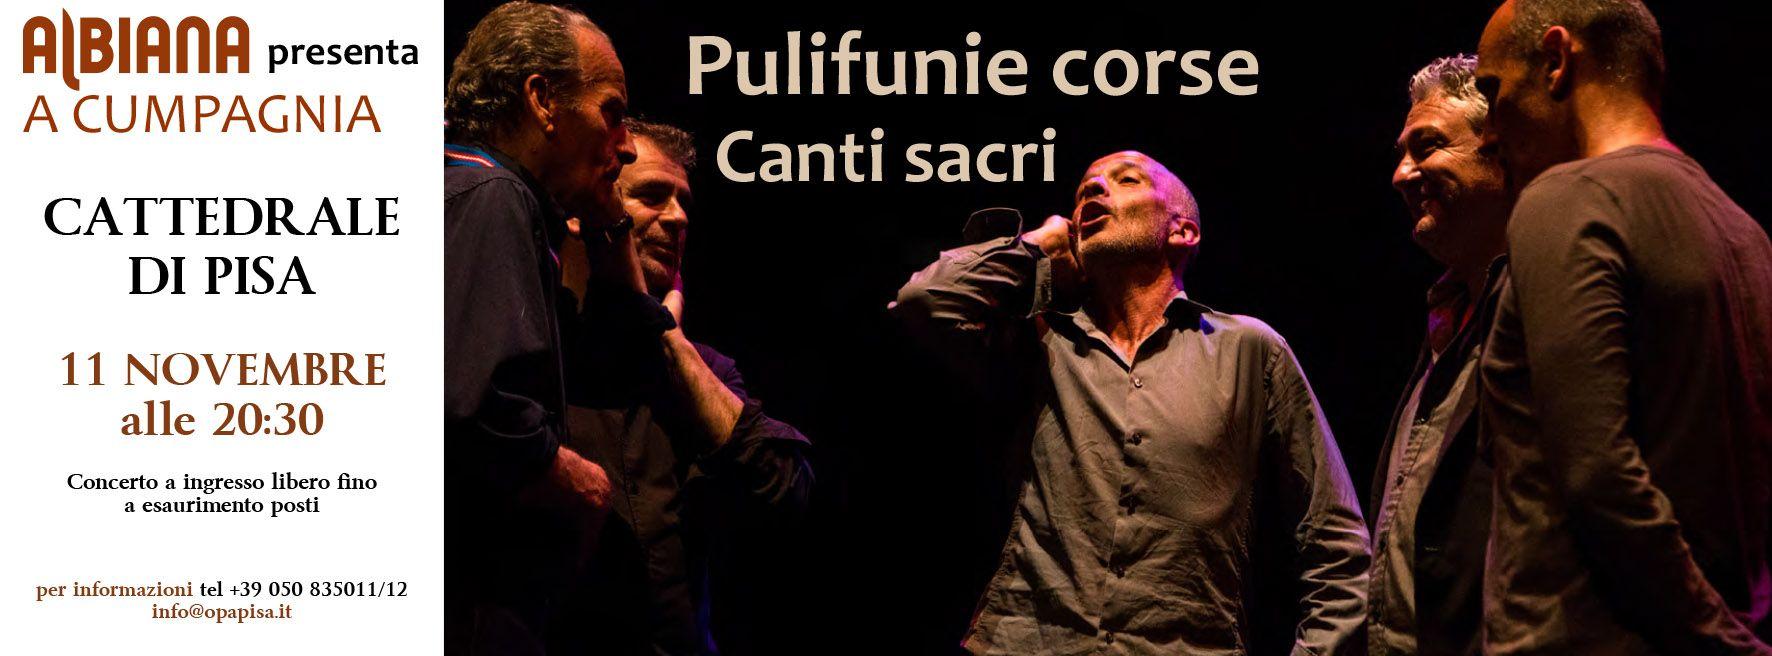 PULIFUNIE CORSE: 11 NOVEMBRE CANTI SACRI IN CATTEDRALE A PISA